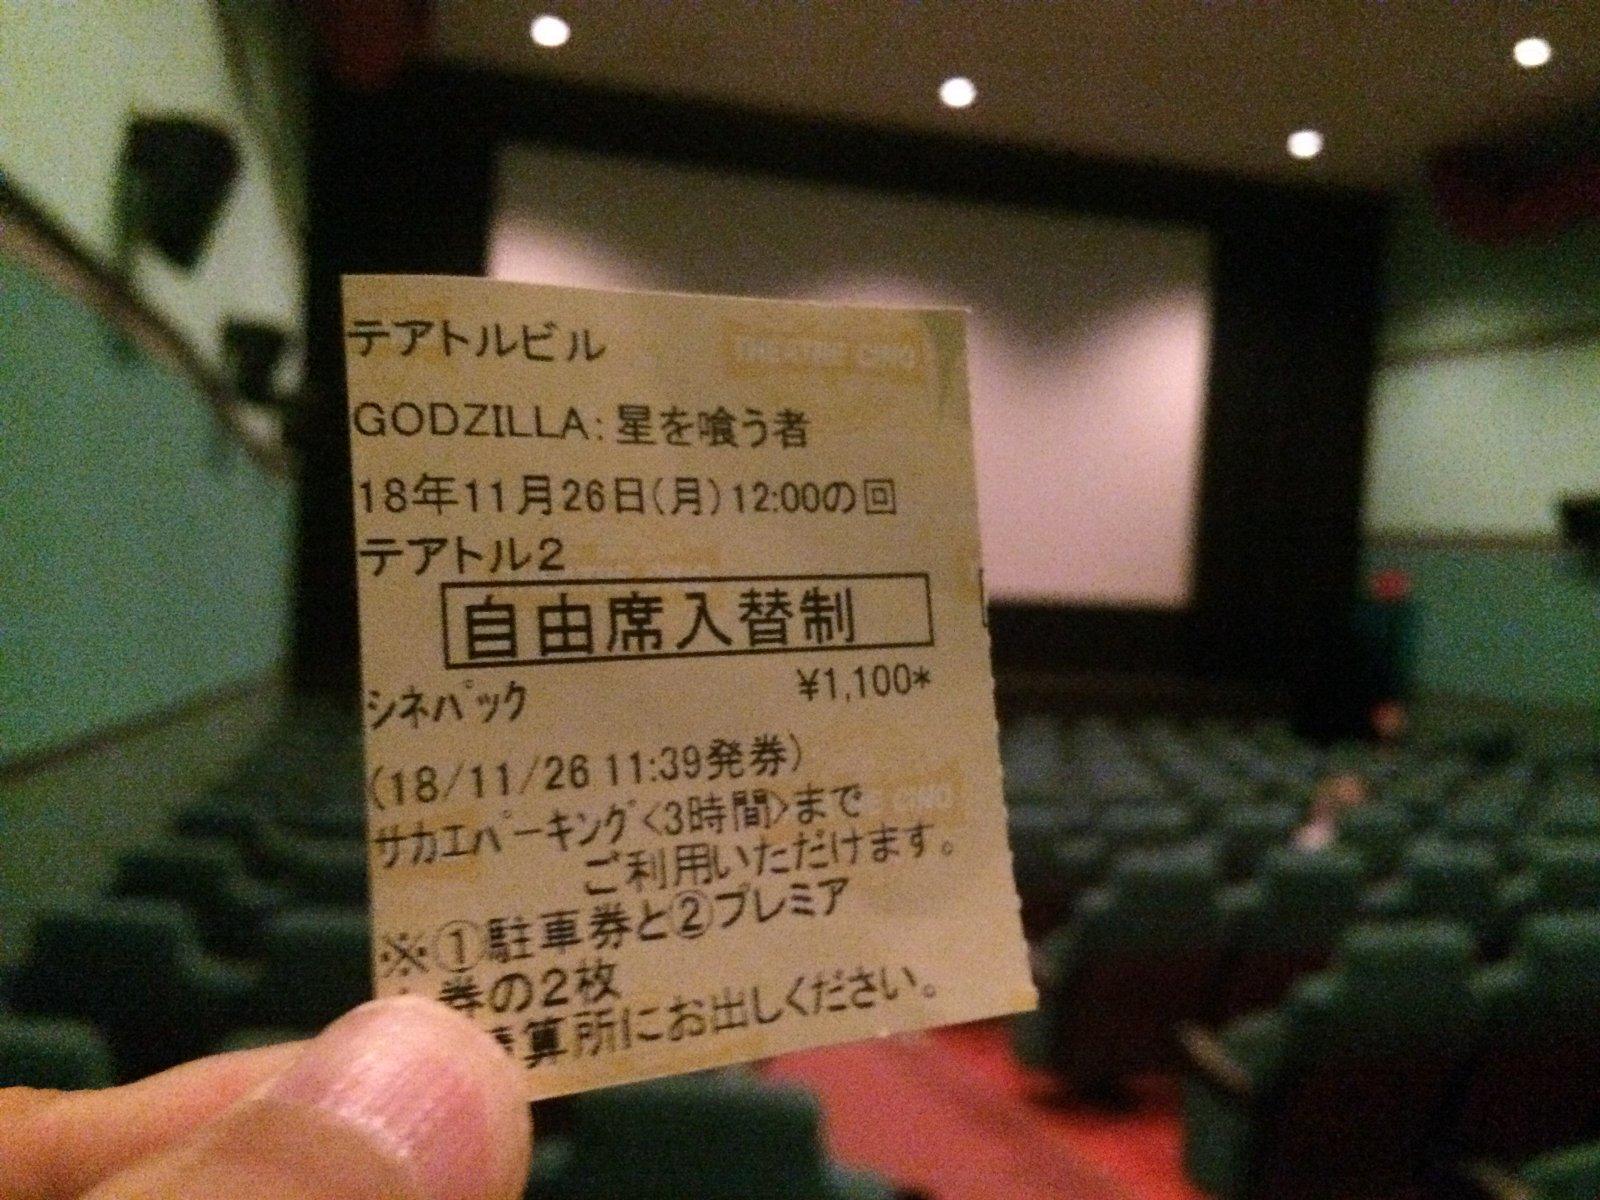 『ゴジラ 星を喰う者』チケット